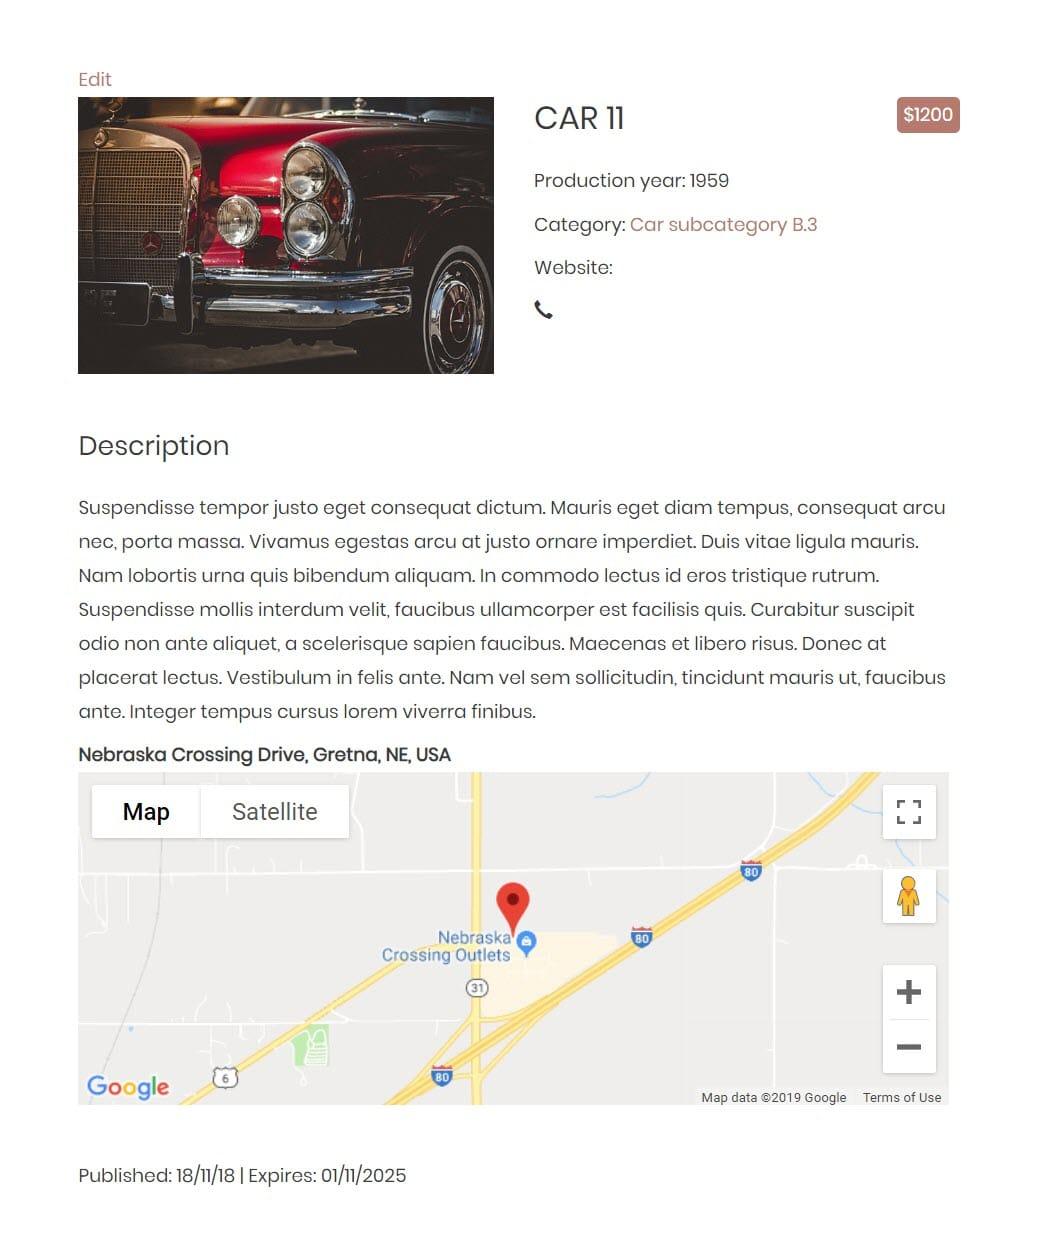 Beispiel für eine Vorlage zur Auflistung von Autos